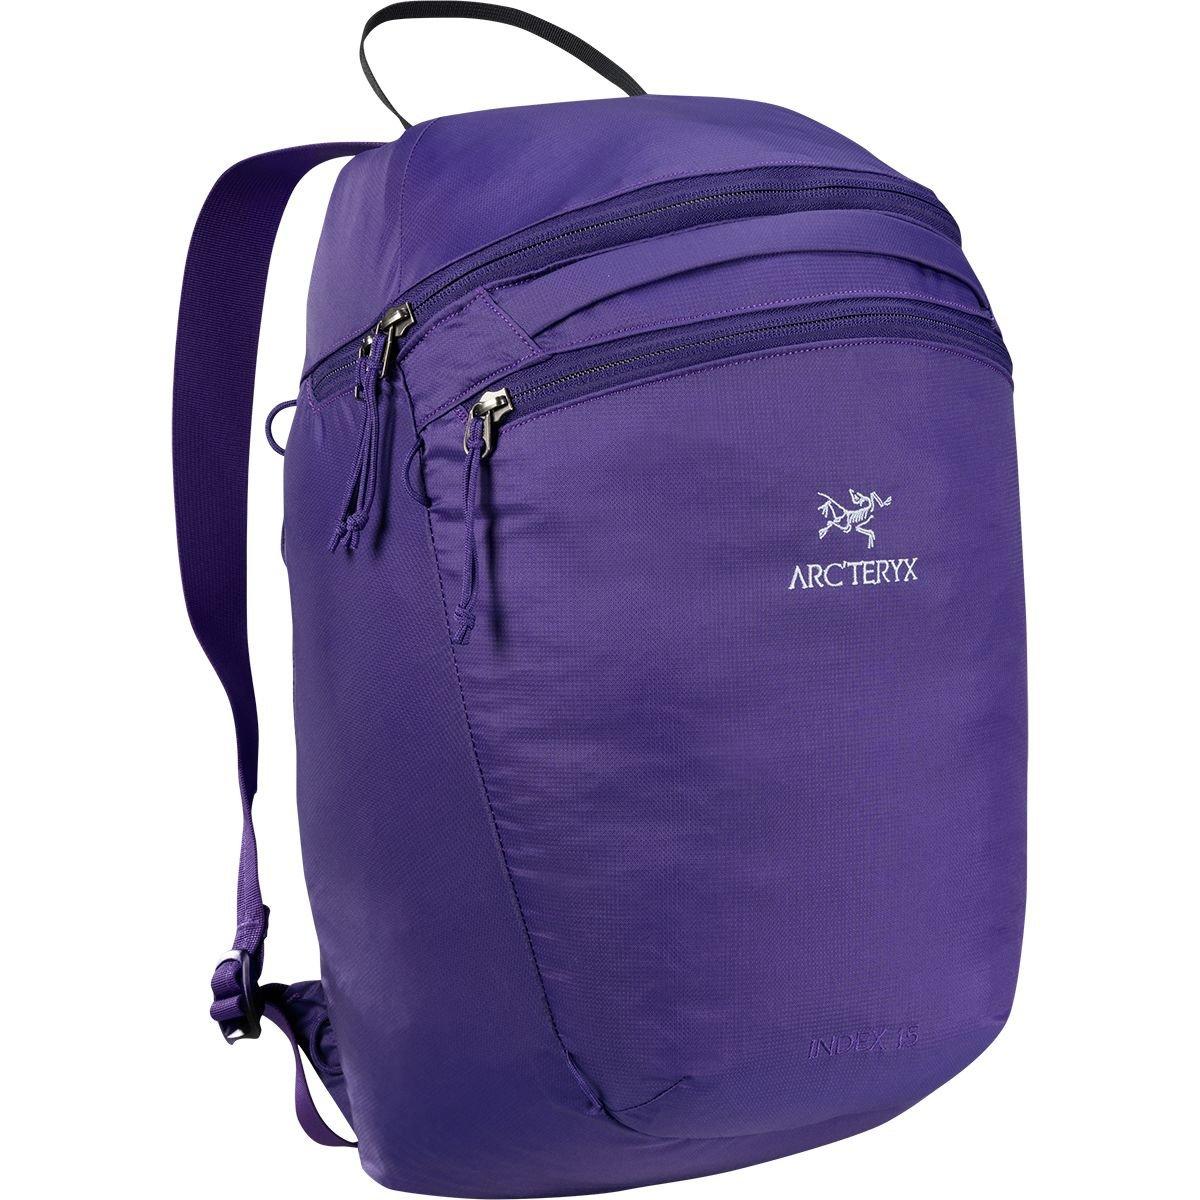 (アークテリクス) Arc'teryx Index 15L Backpackメンズ バックパック リュック Azalea [並行輸入品] One Size  B079FND1XJ